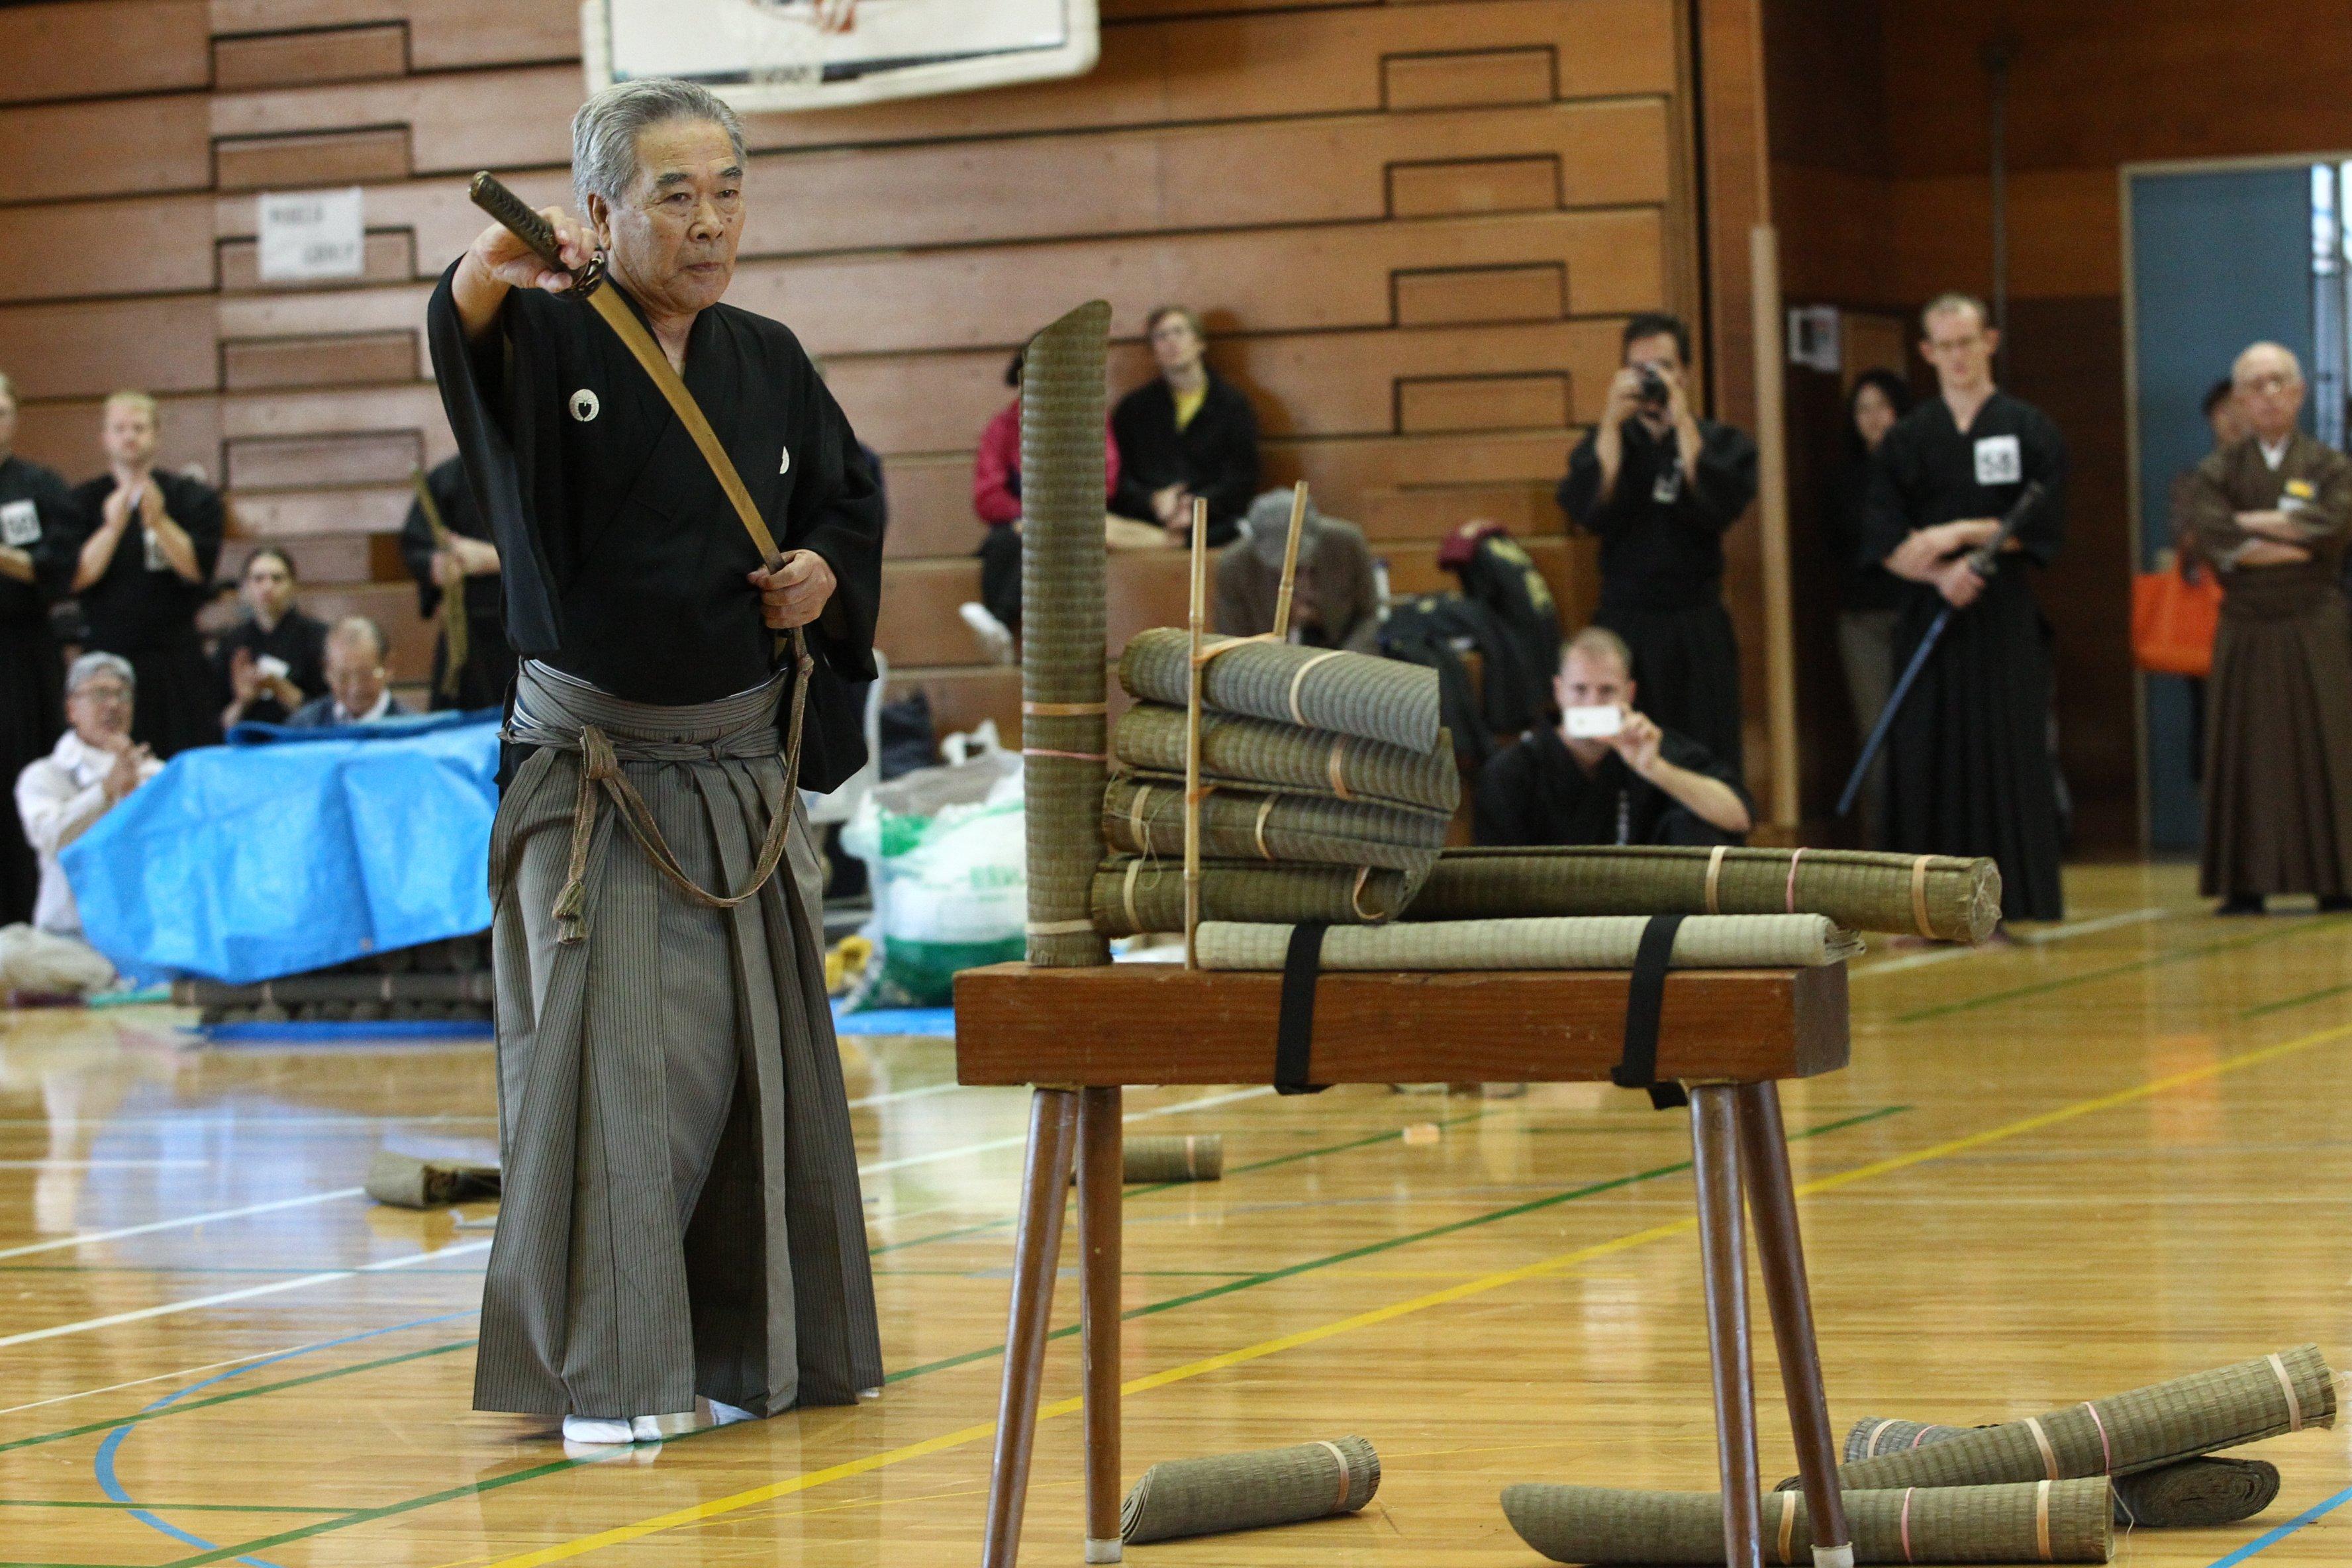 Happogiri embu - Sato Seiji Sensei.